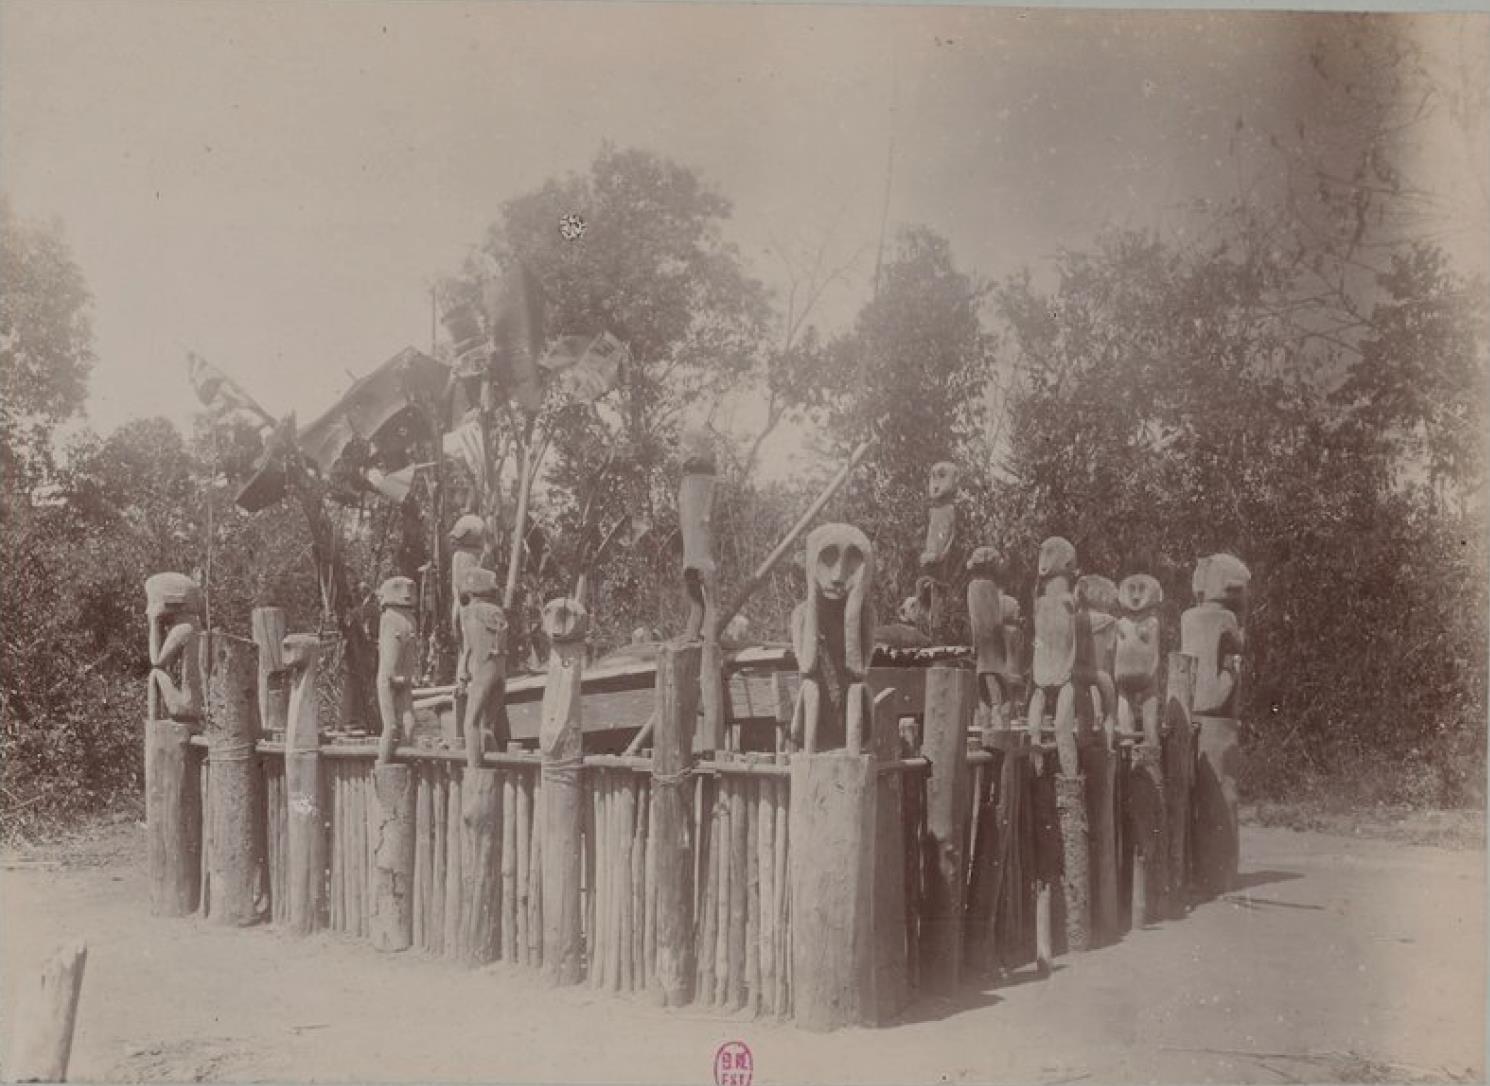 Скульптурные изображения бахнарских женщин в Кон-Хуэнго